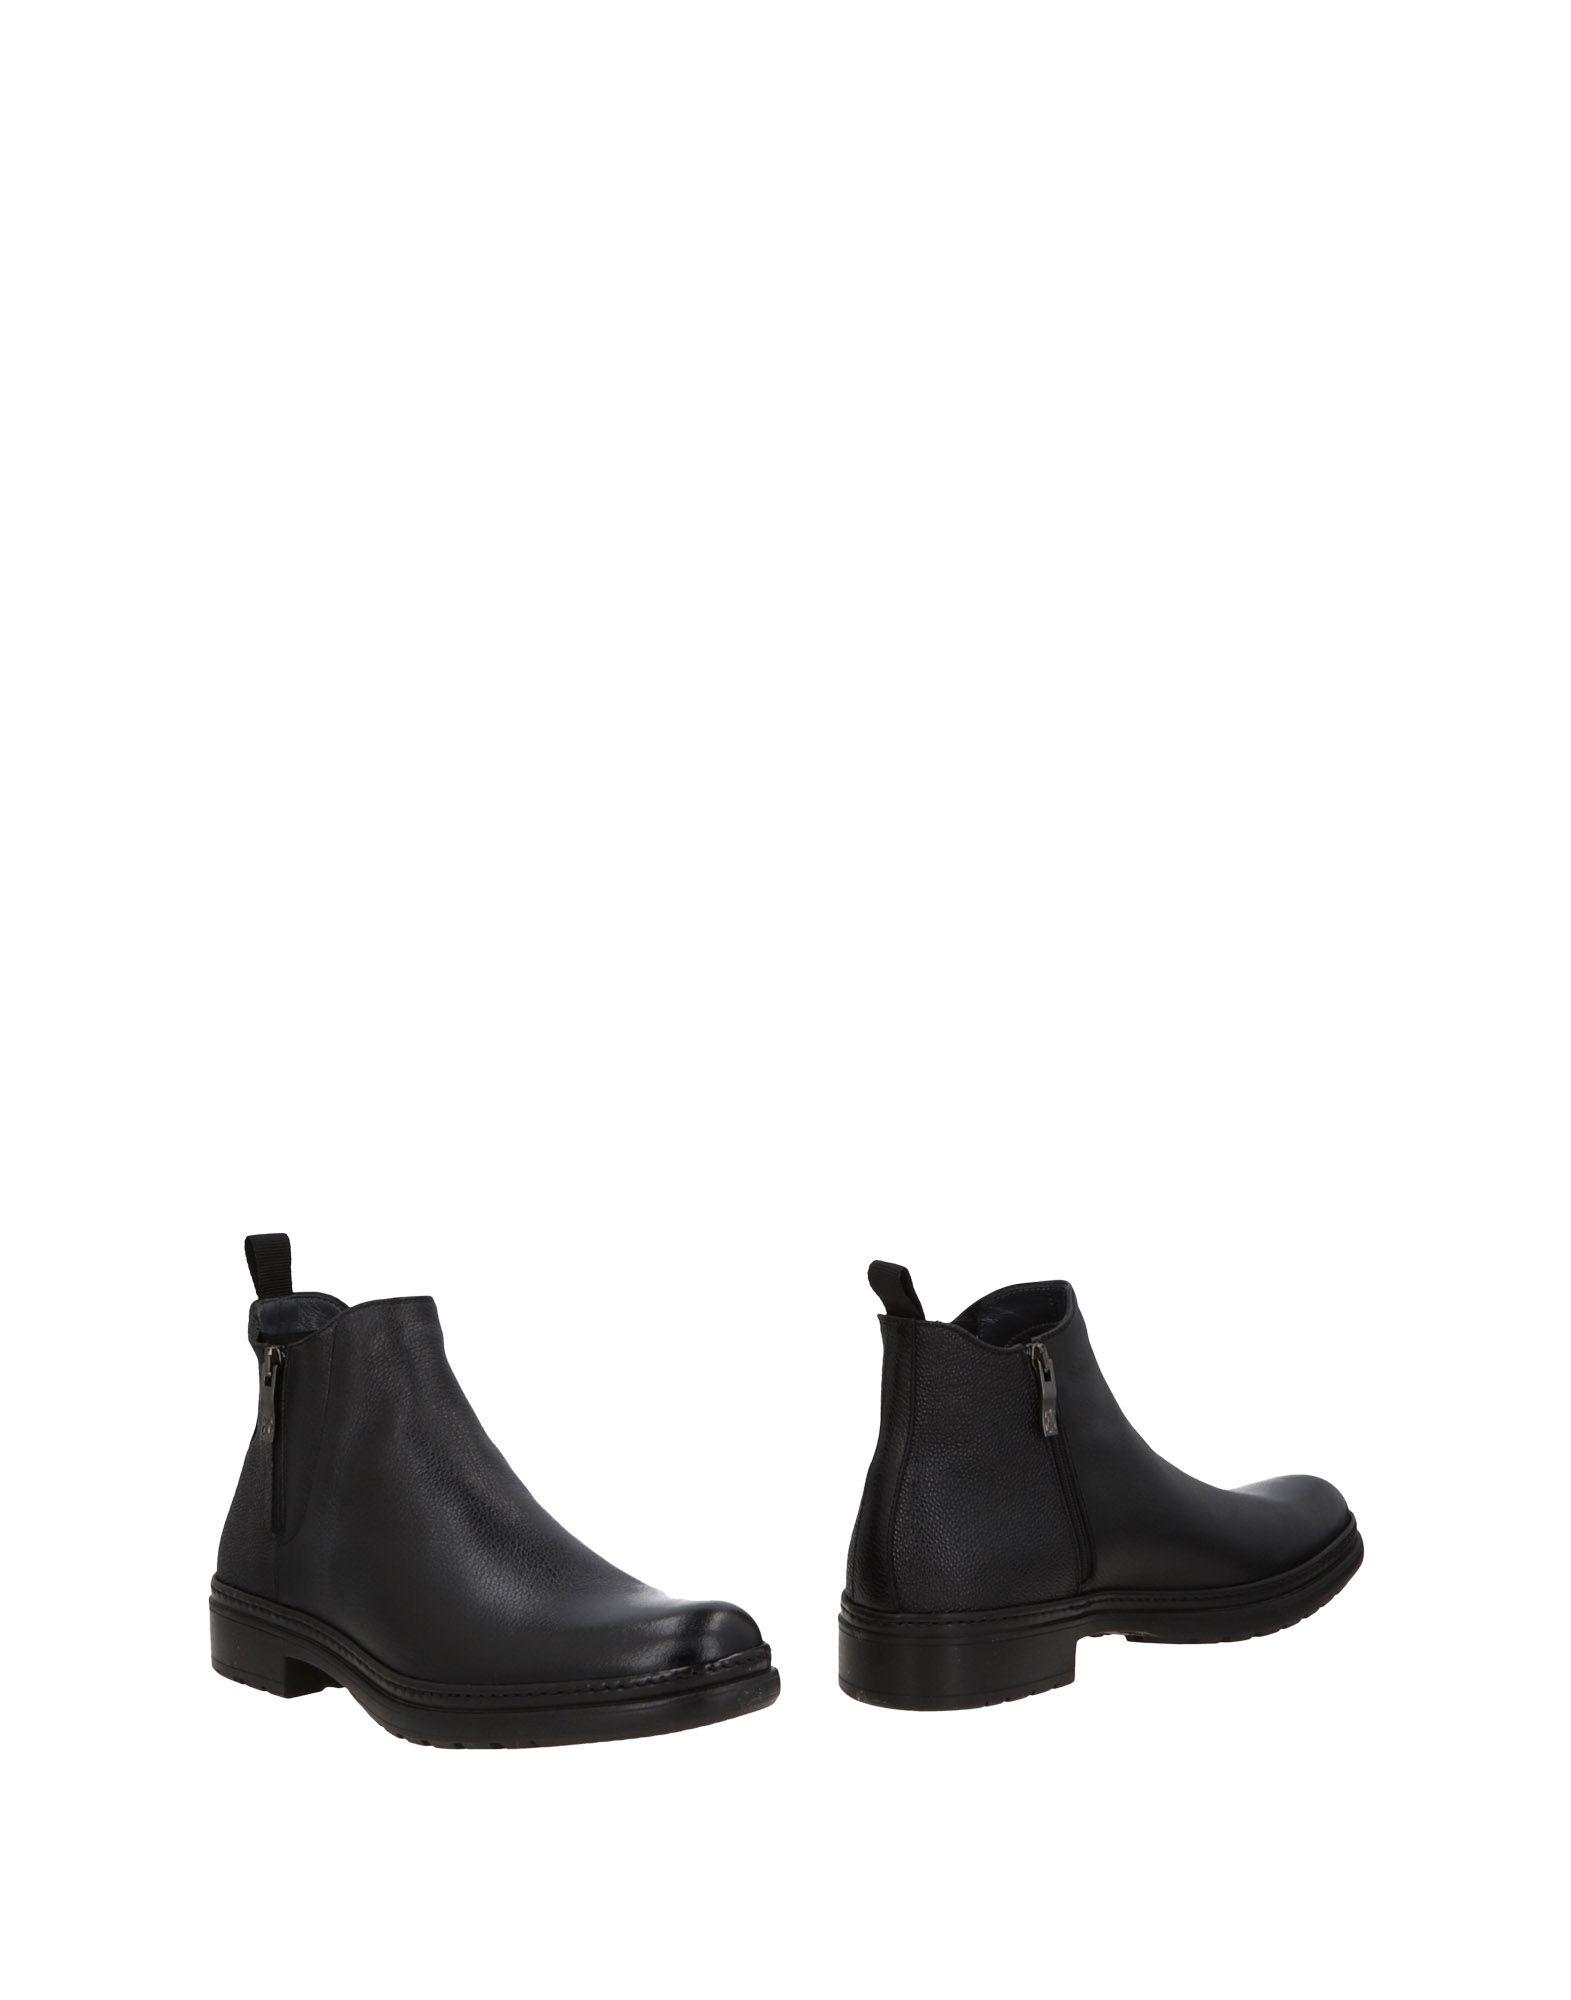 Giovanni Conti Stiefelette Herren  11471557UM Gute Qualität beliebte Schuhe